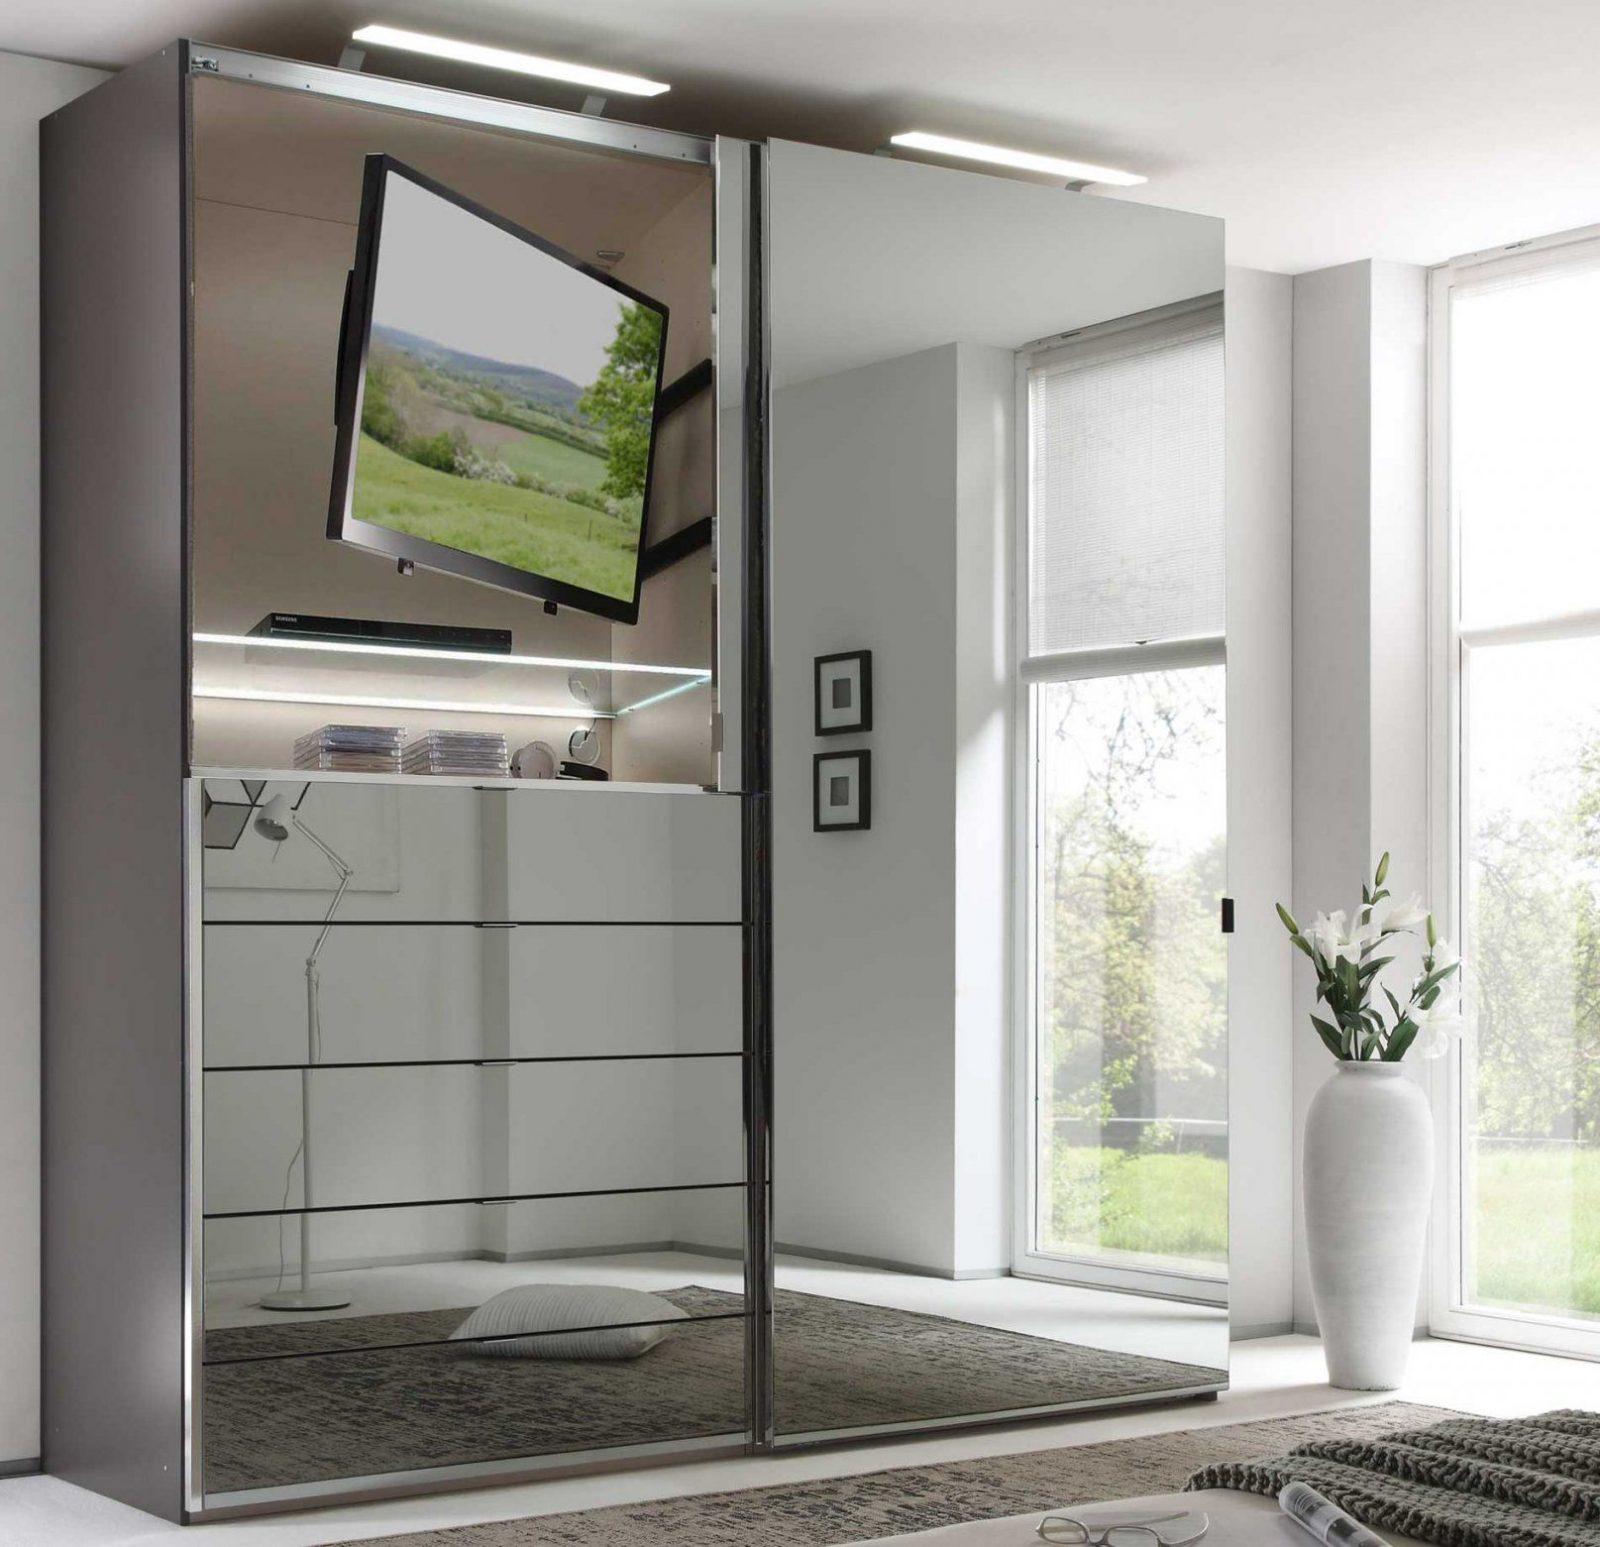 Staud Media Kleiderschrank Mit Tv Fach Glas Viele Farben Breite 225 von Kleiderschrank Mit Tv Fach Bild